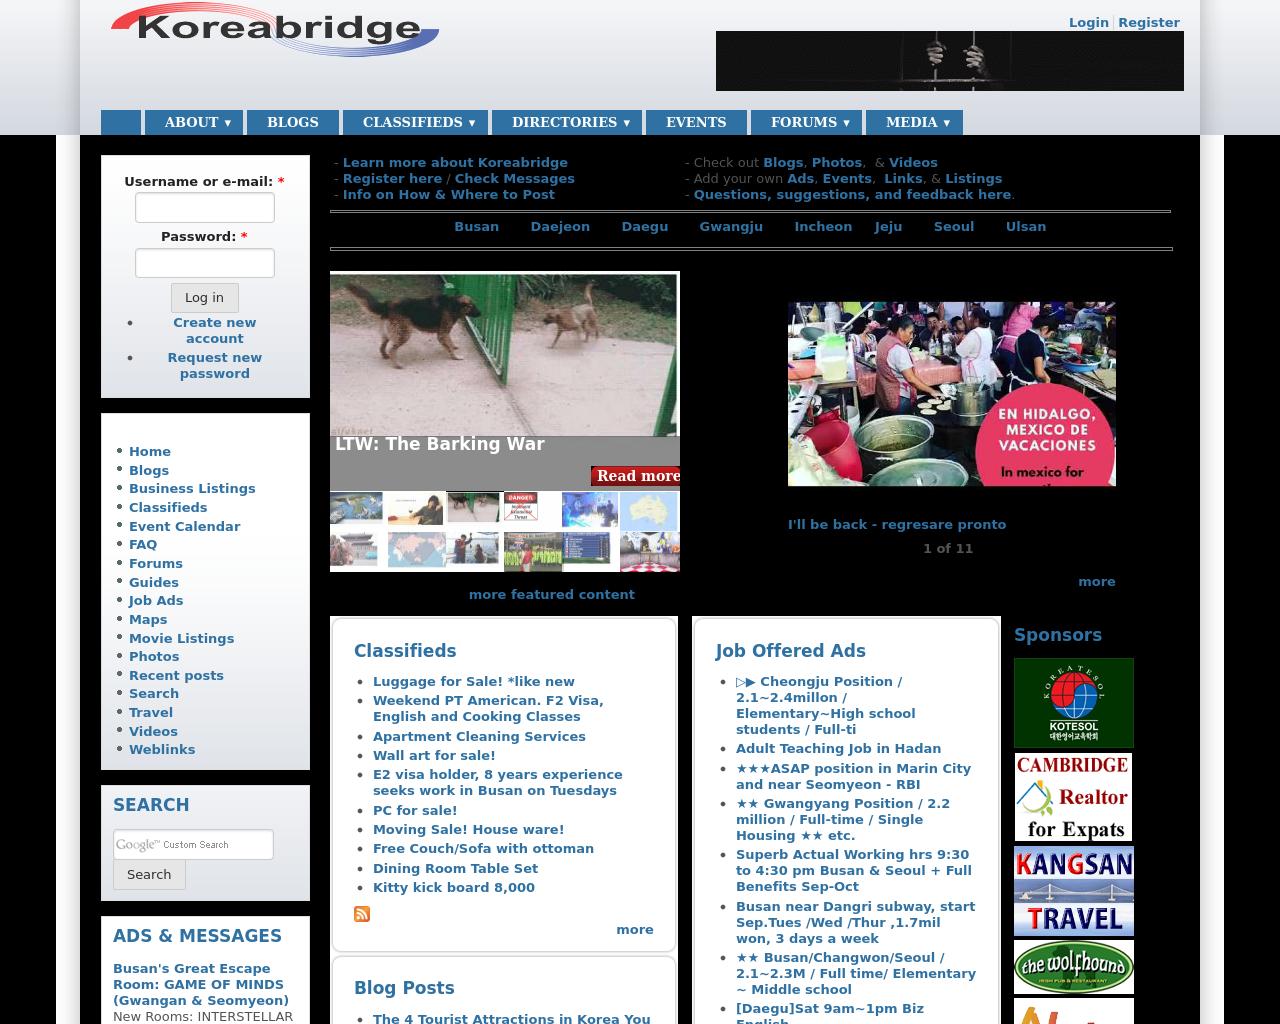 Koreabridge-Advertising-Reviews-Pricing